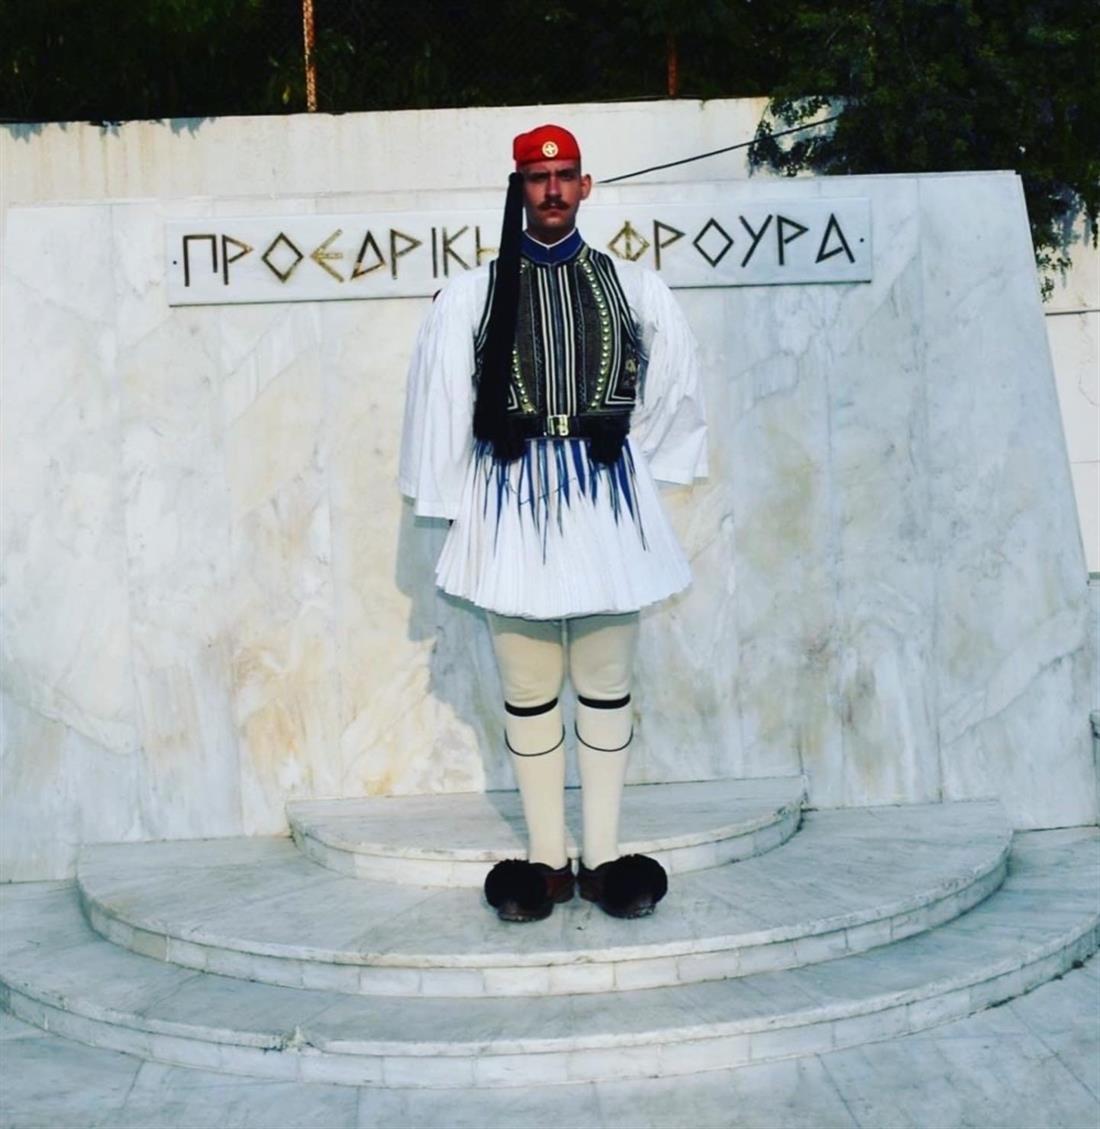 Σακελλαροπούλου - Εύζωνας - Βασίλης Χολέβας - Προεδρική Φρουρά